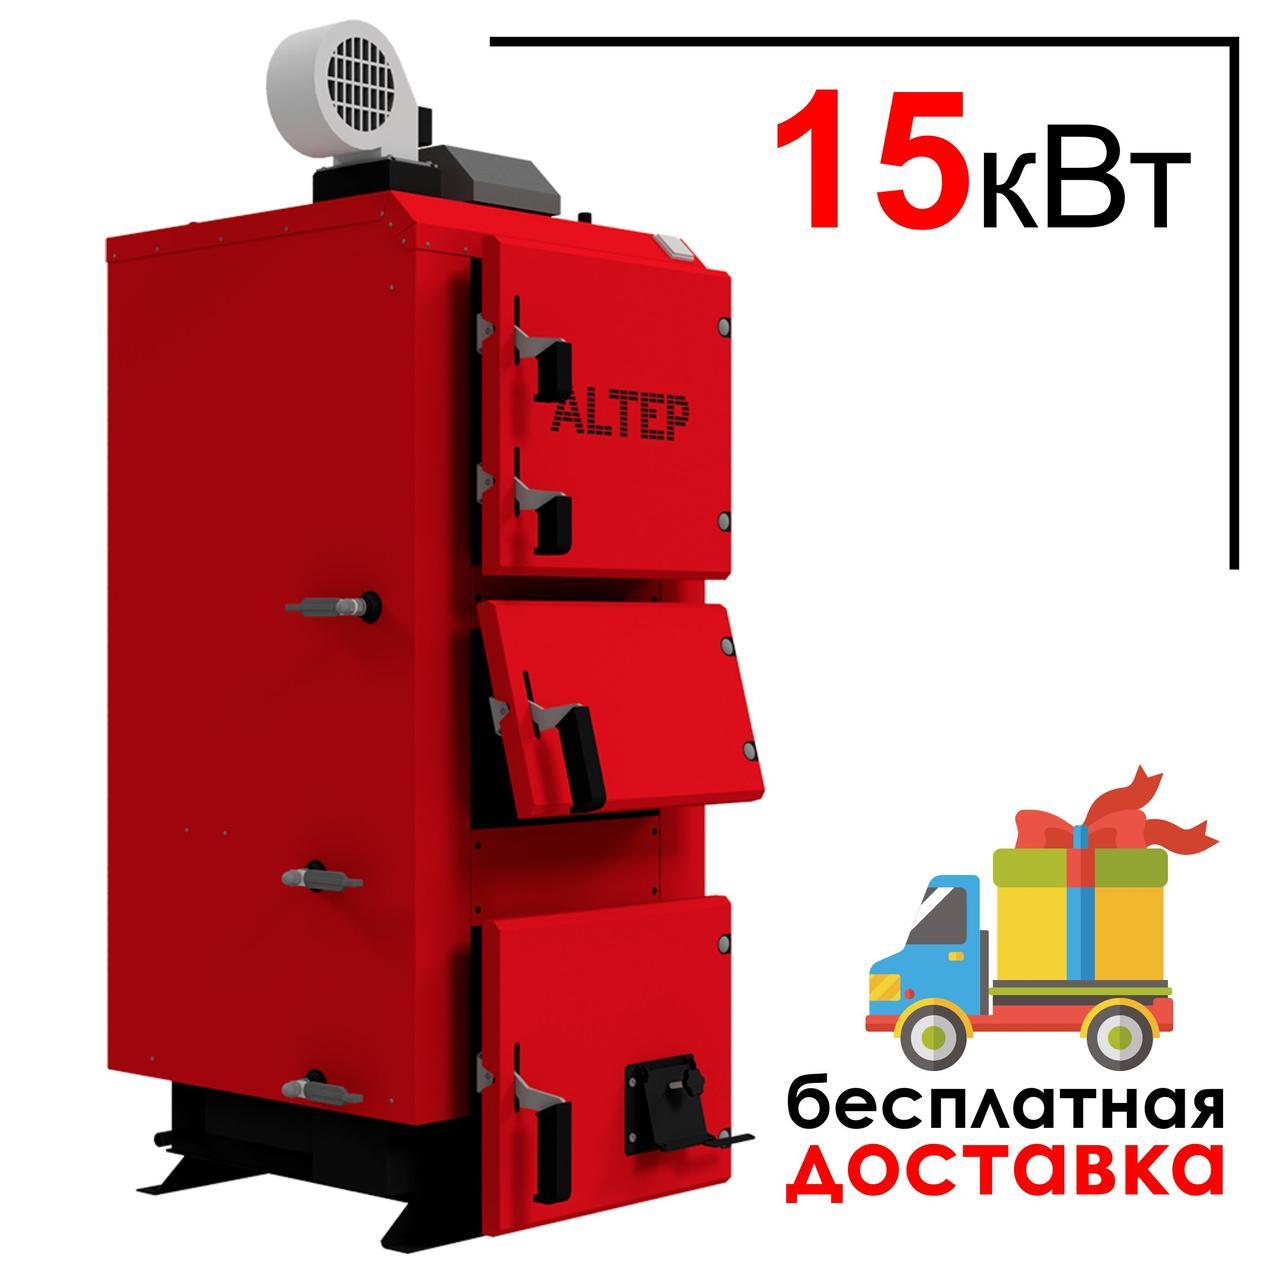 Твердотопливный котел Альтеп Duo Plus (КТ-2Е) 15 кВт